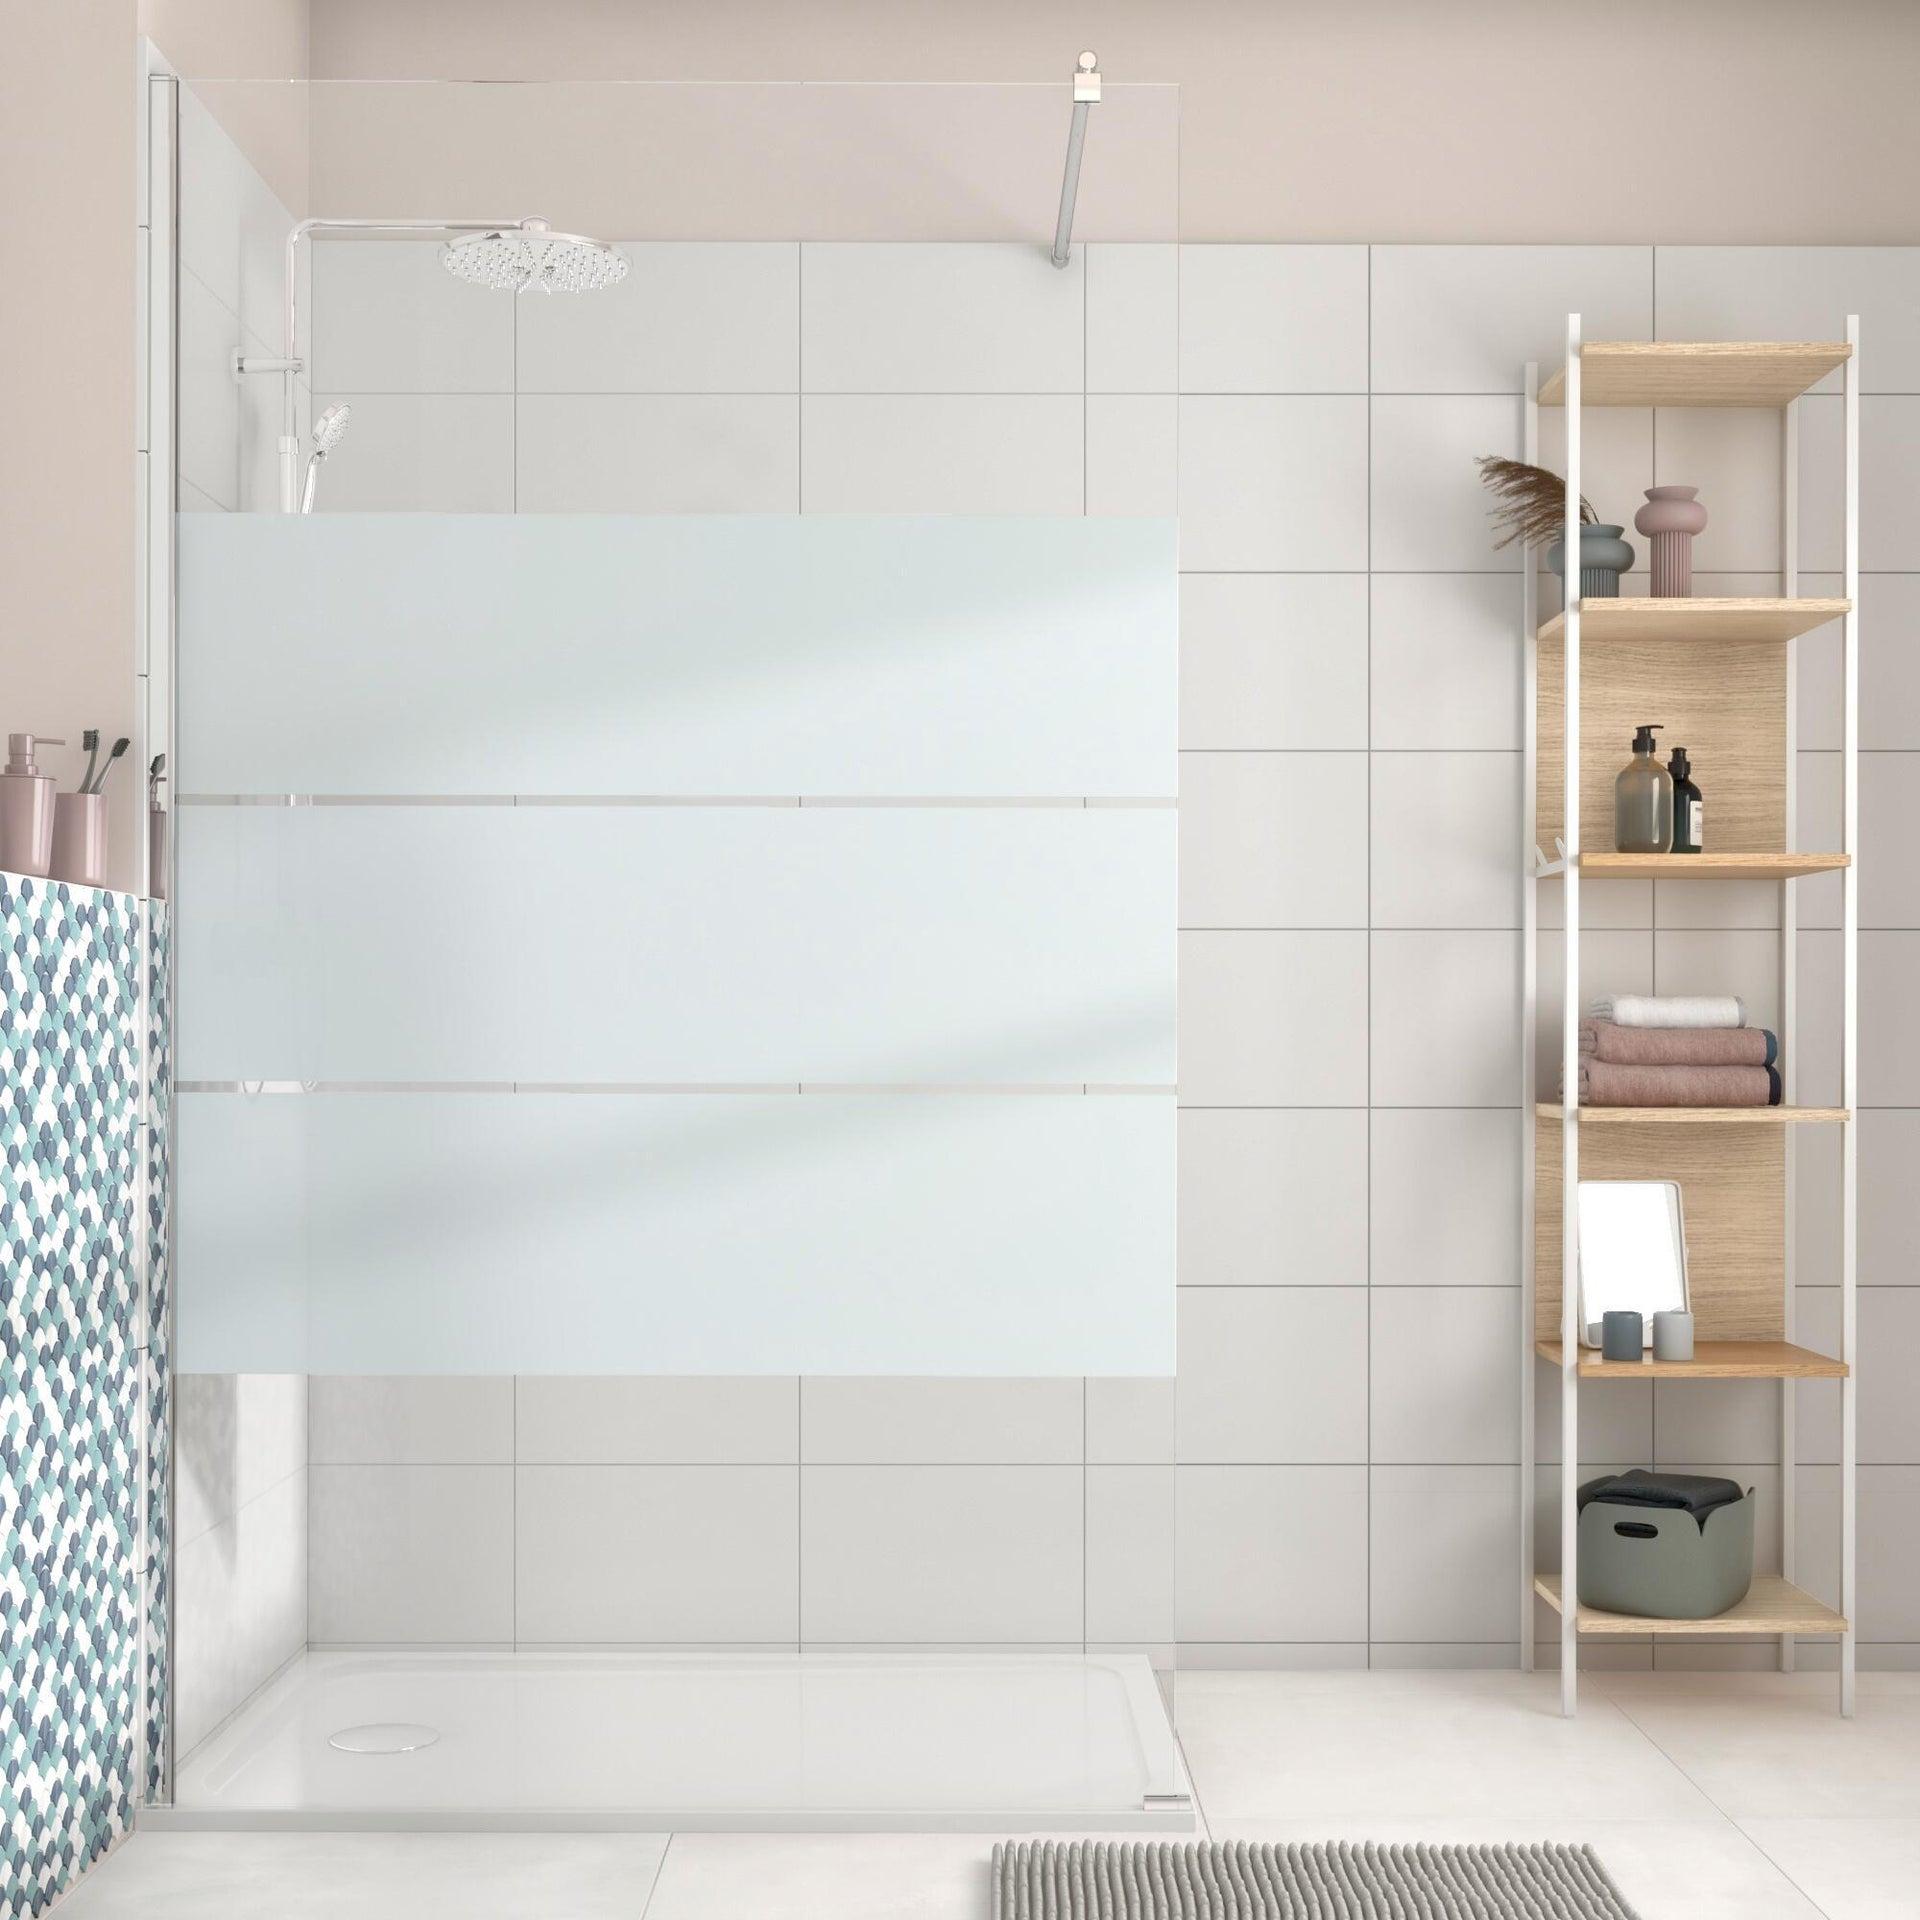 Piatto doccia resina sintetica e polvere di marmo Easy 80 x 120 cm bianco - 7